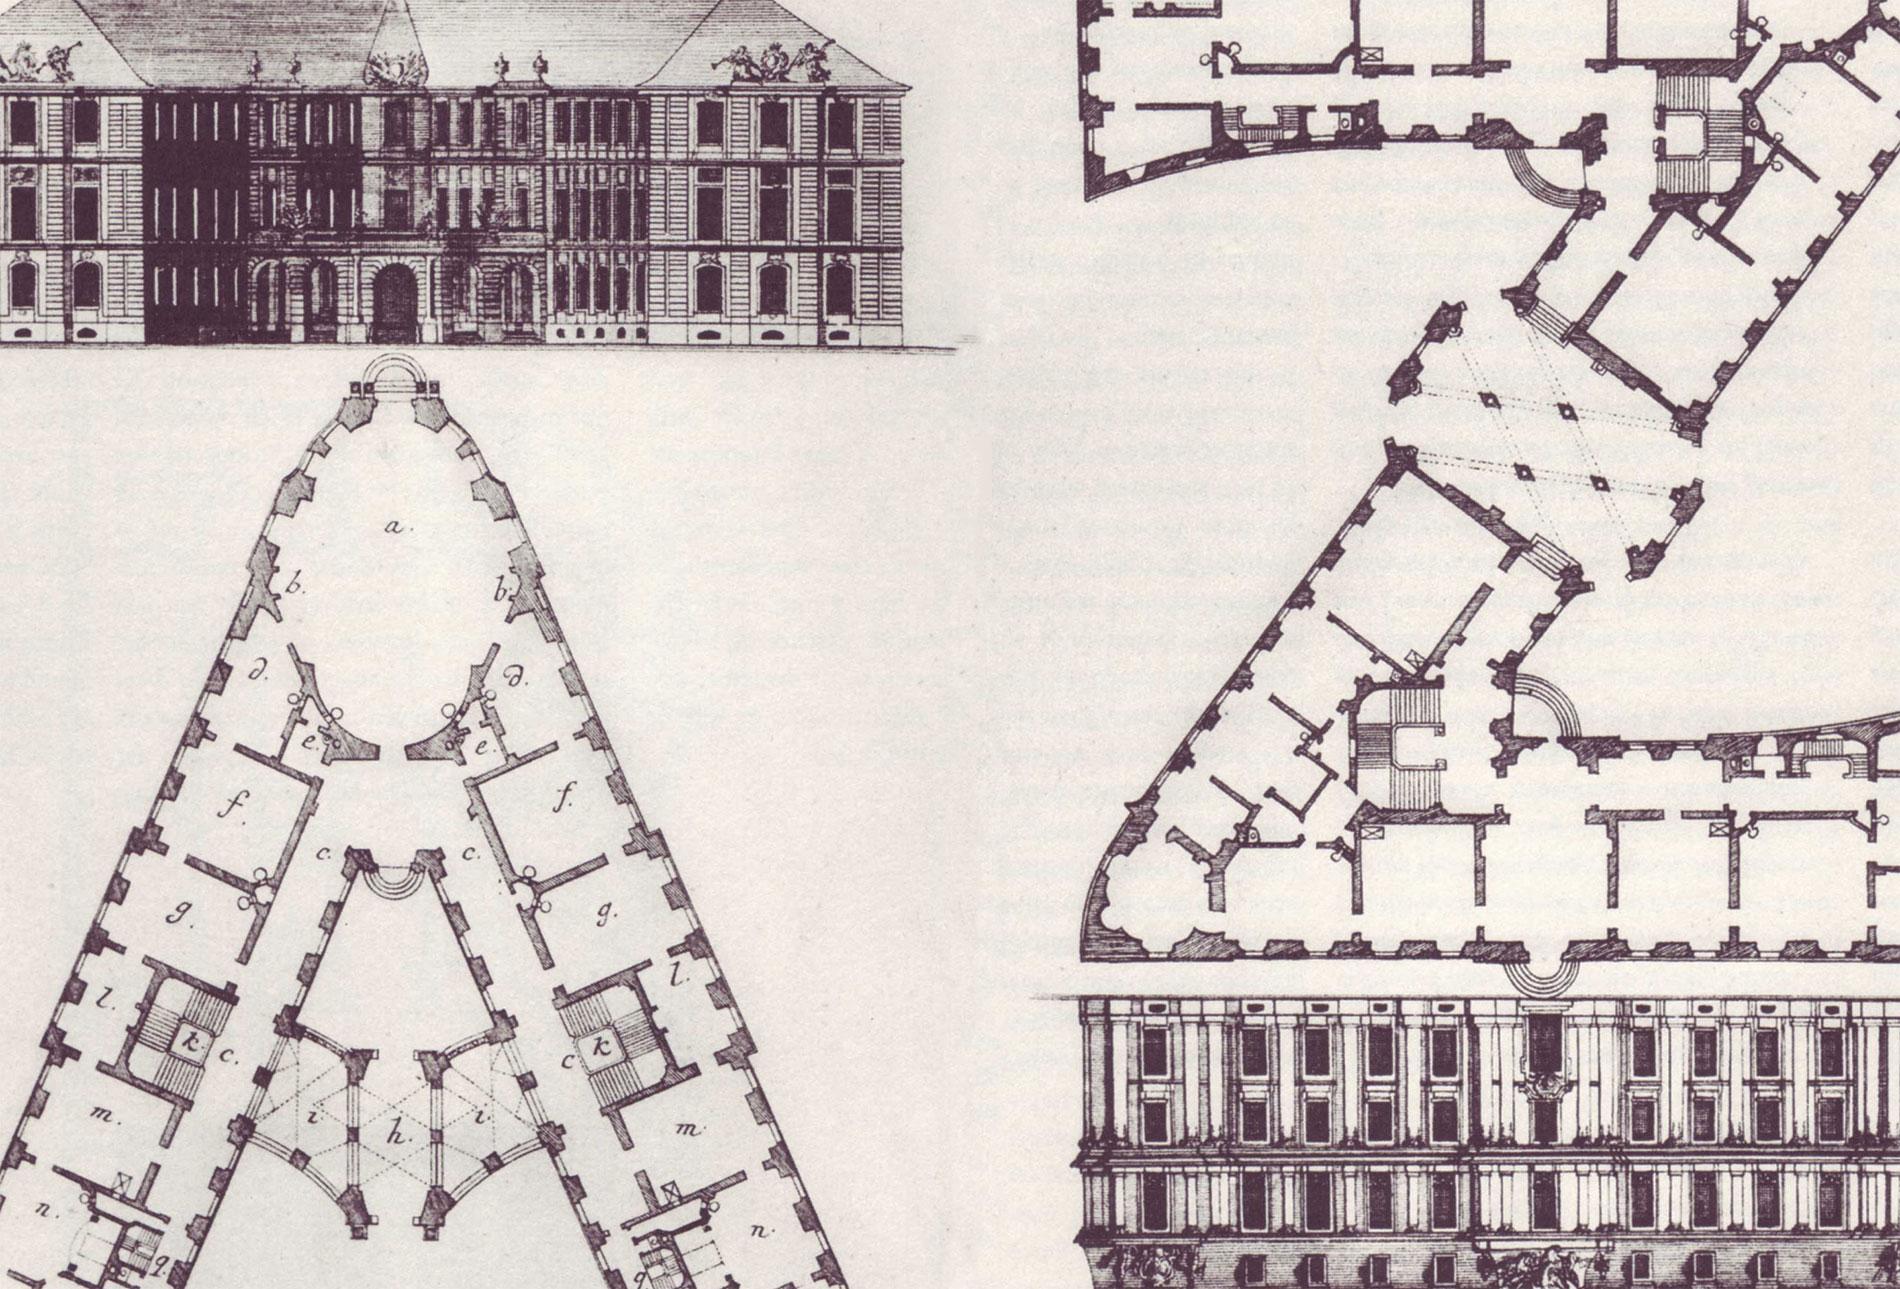 Architectural-alphabet-Johann-David-Steingruber-1773-couv-index-grafik